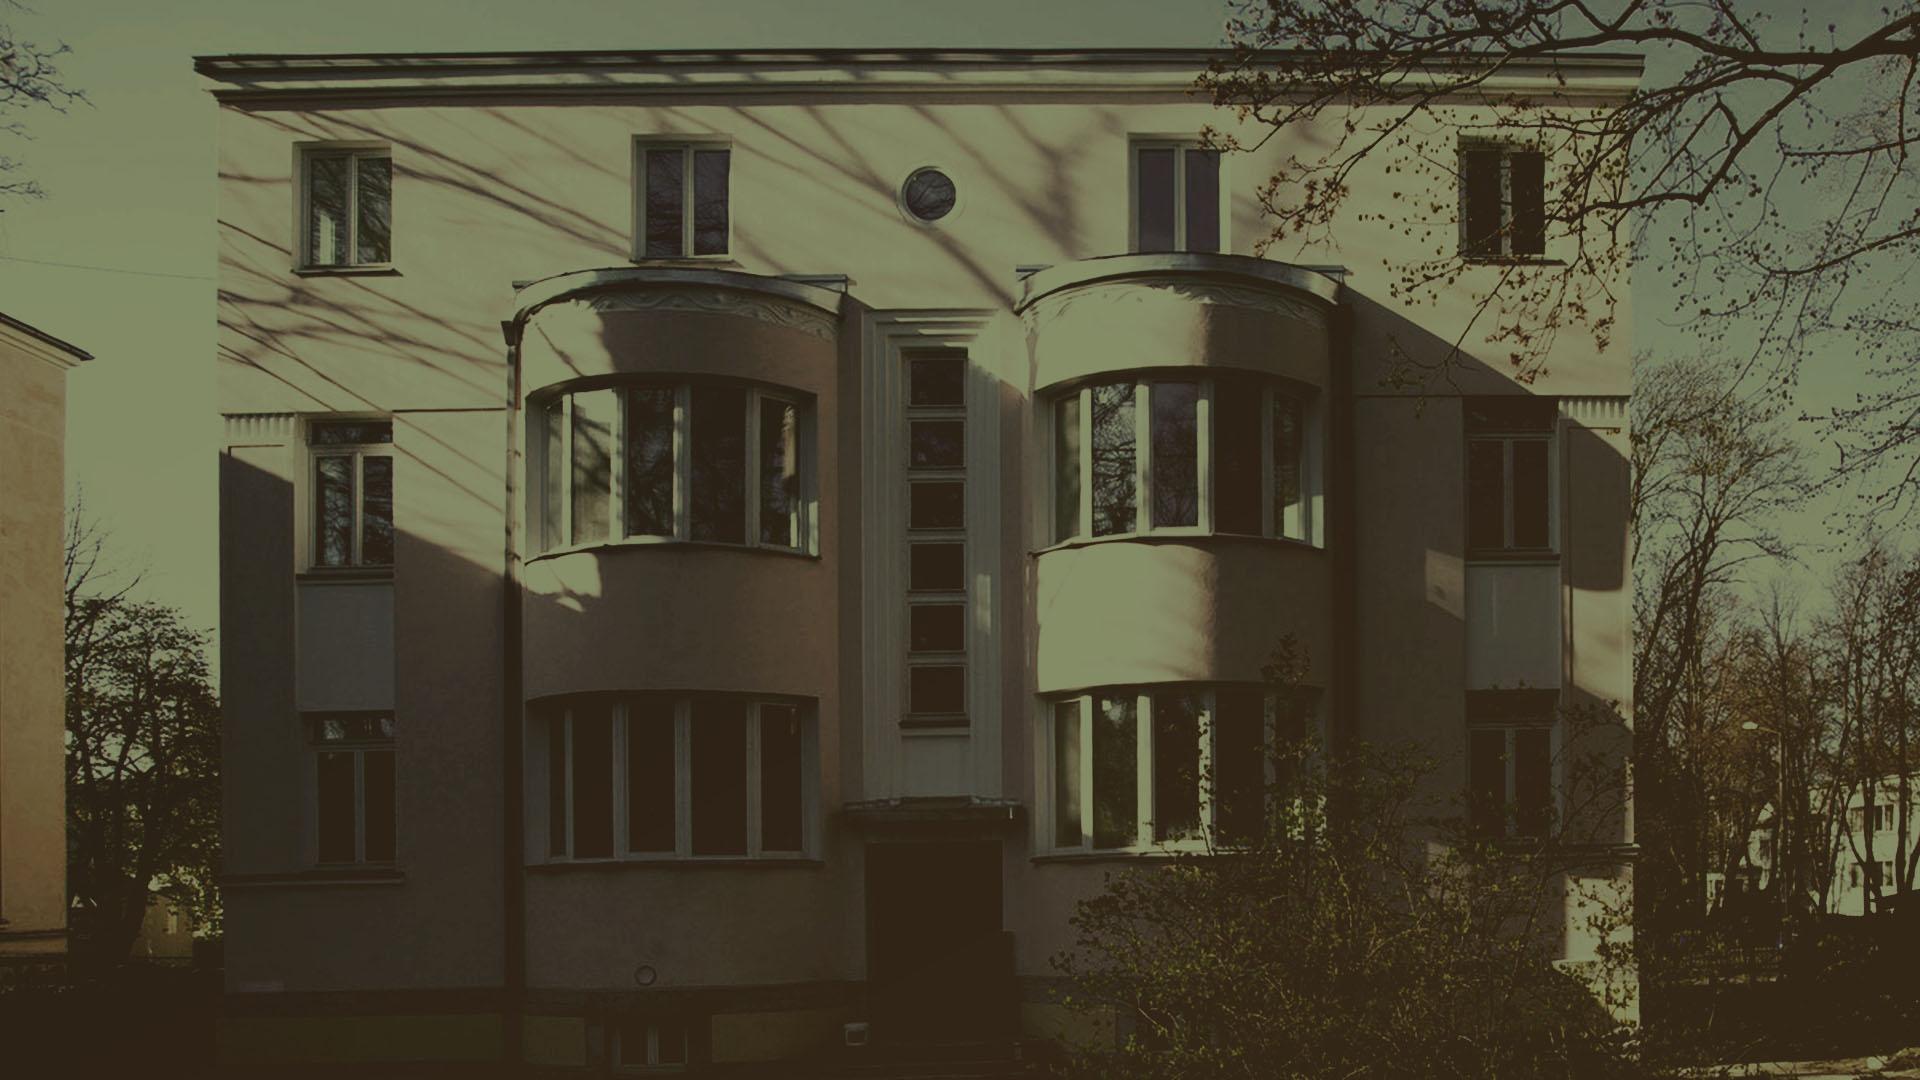 Narva68-Main-Image-2-2